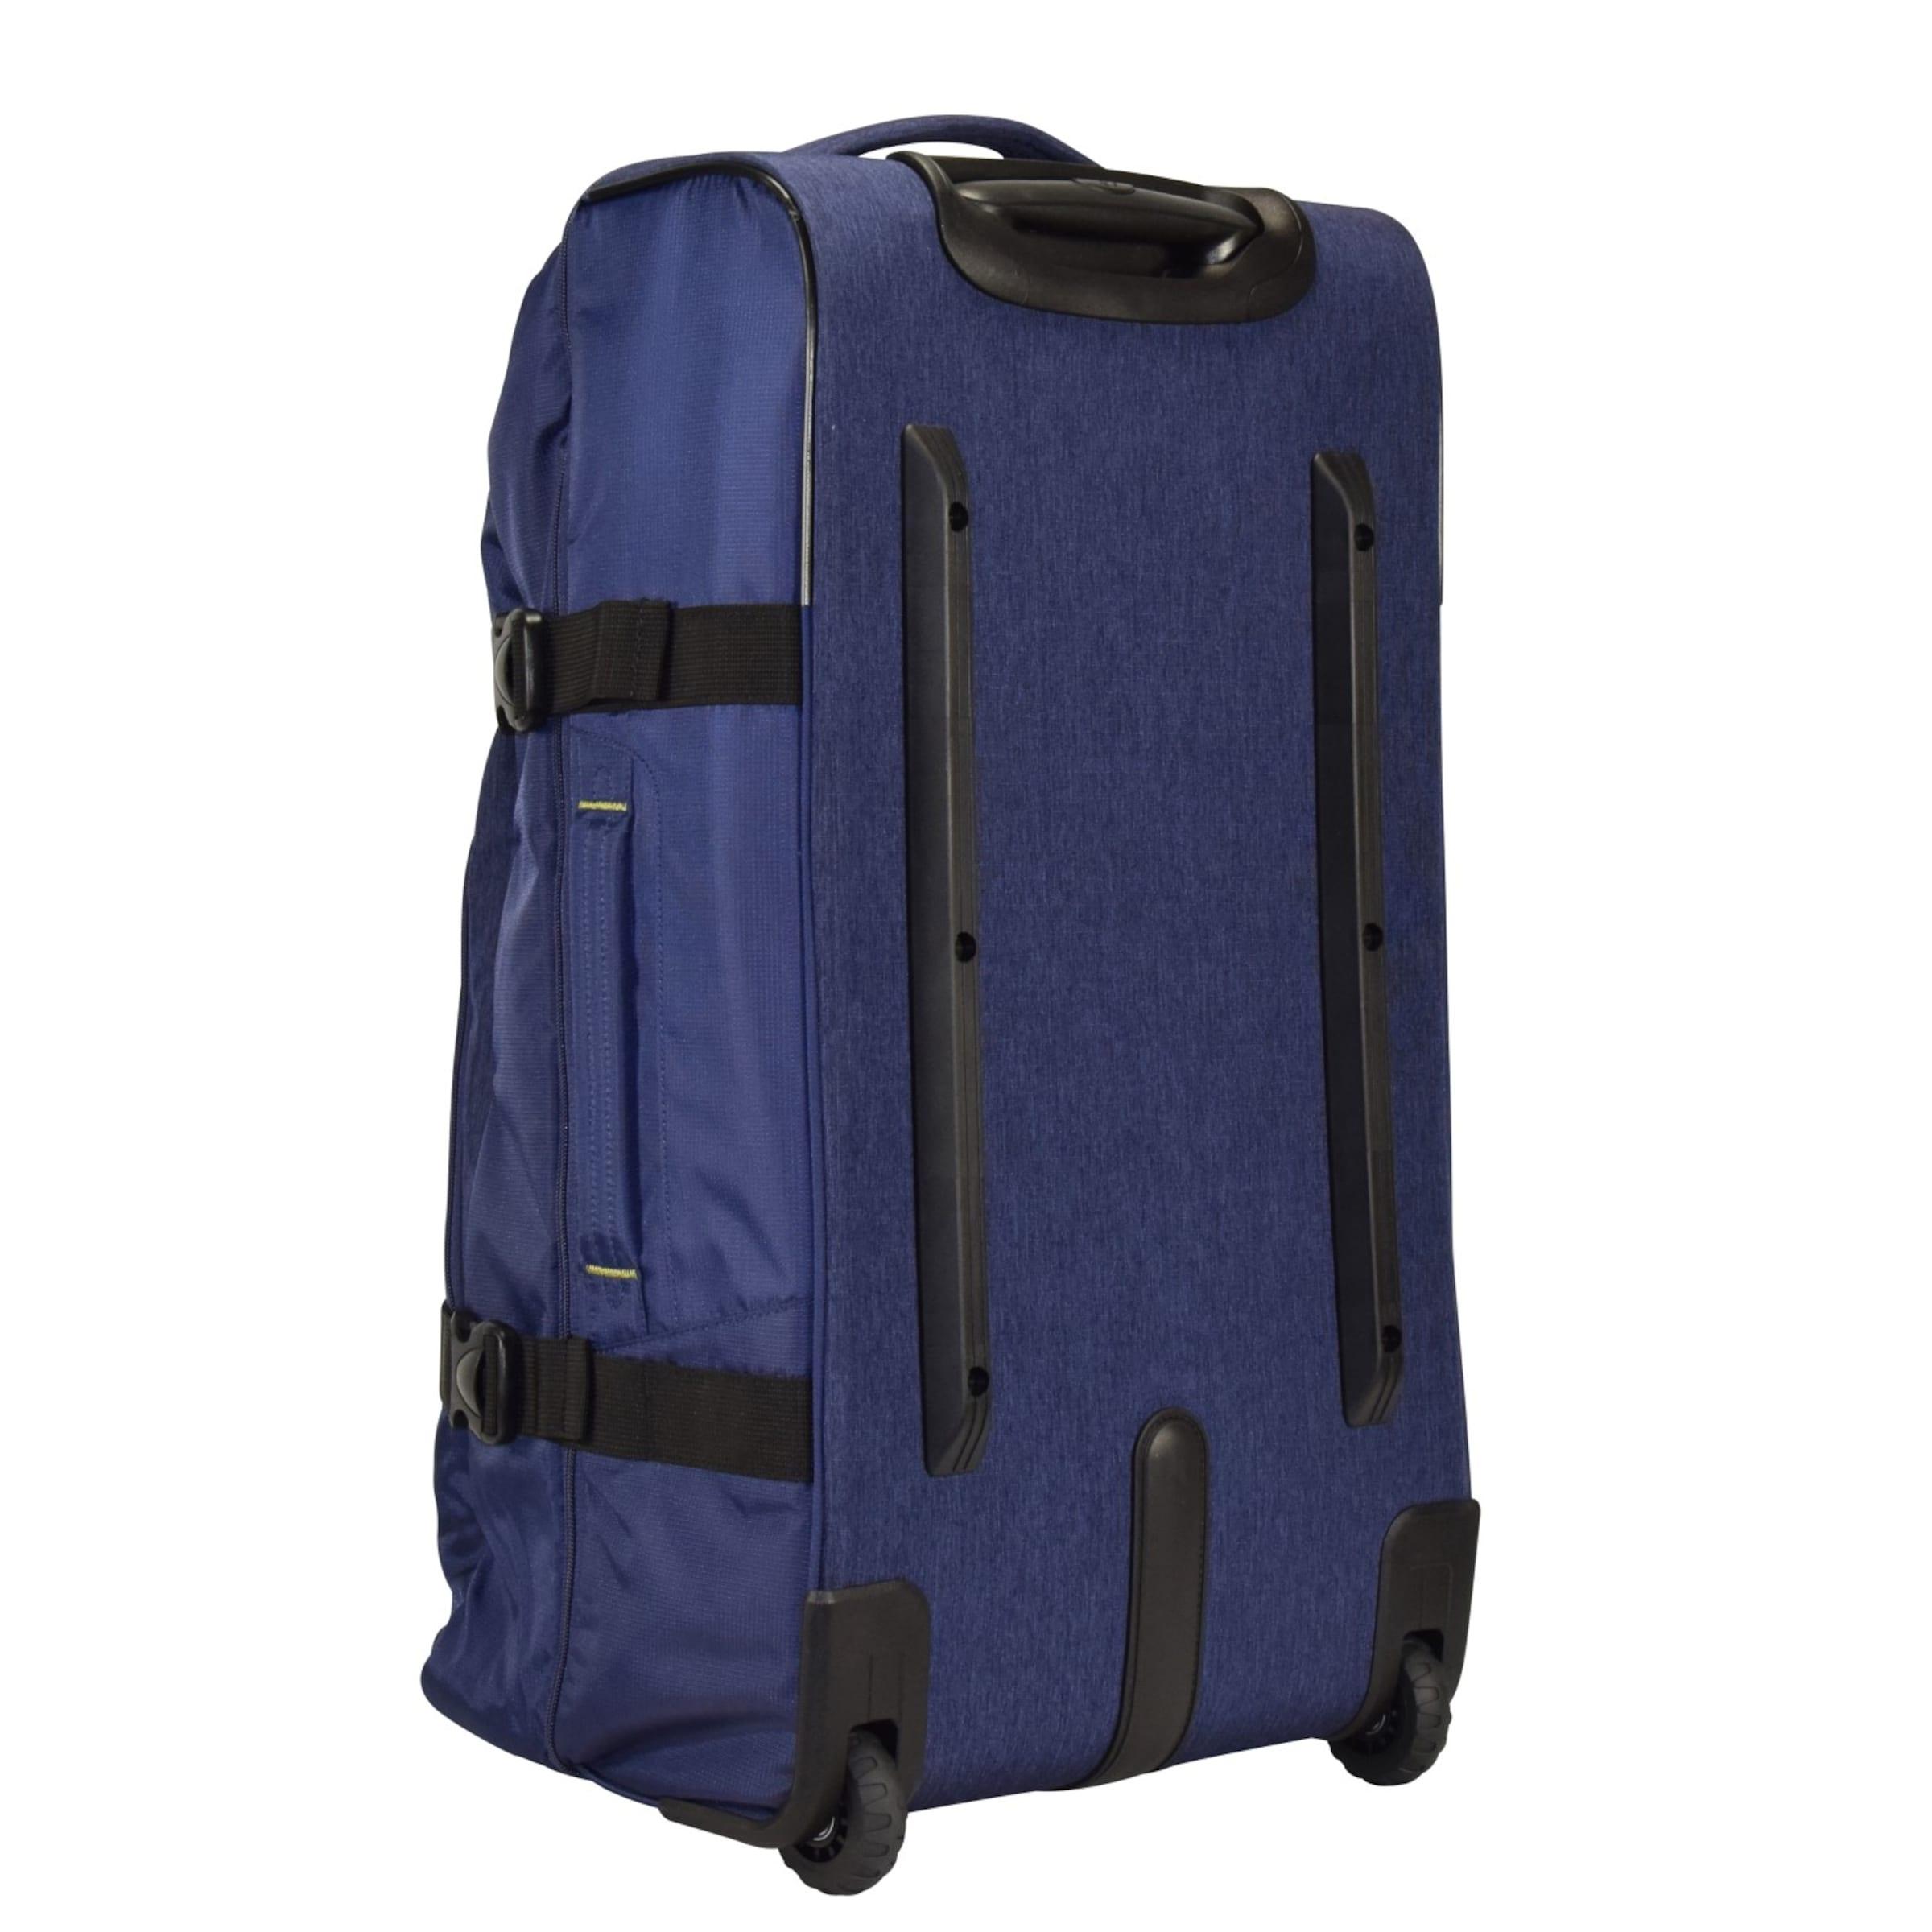 SAMSONITE Rewind 2-Rollen Reisetasche 82 cm Beliebte Online Empfehlen Billig Verkauf Versorgung Verkauf In Mode Auslass Freies Verschiffen Ne0J2npja3